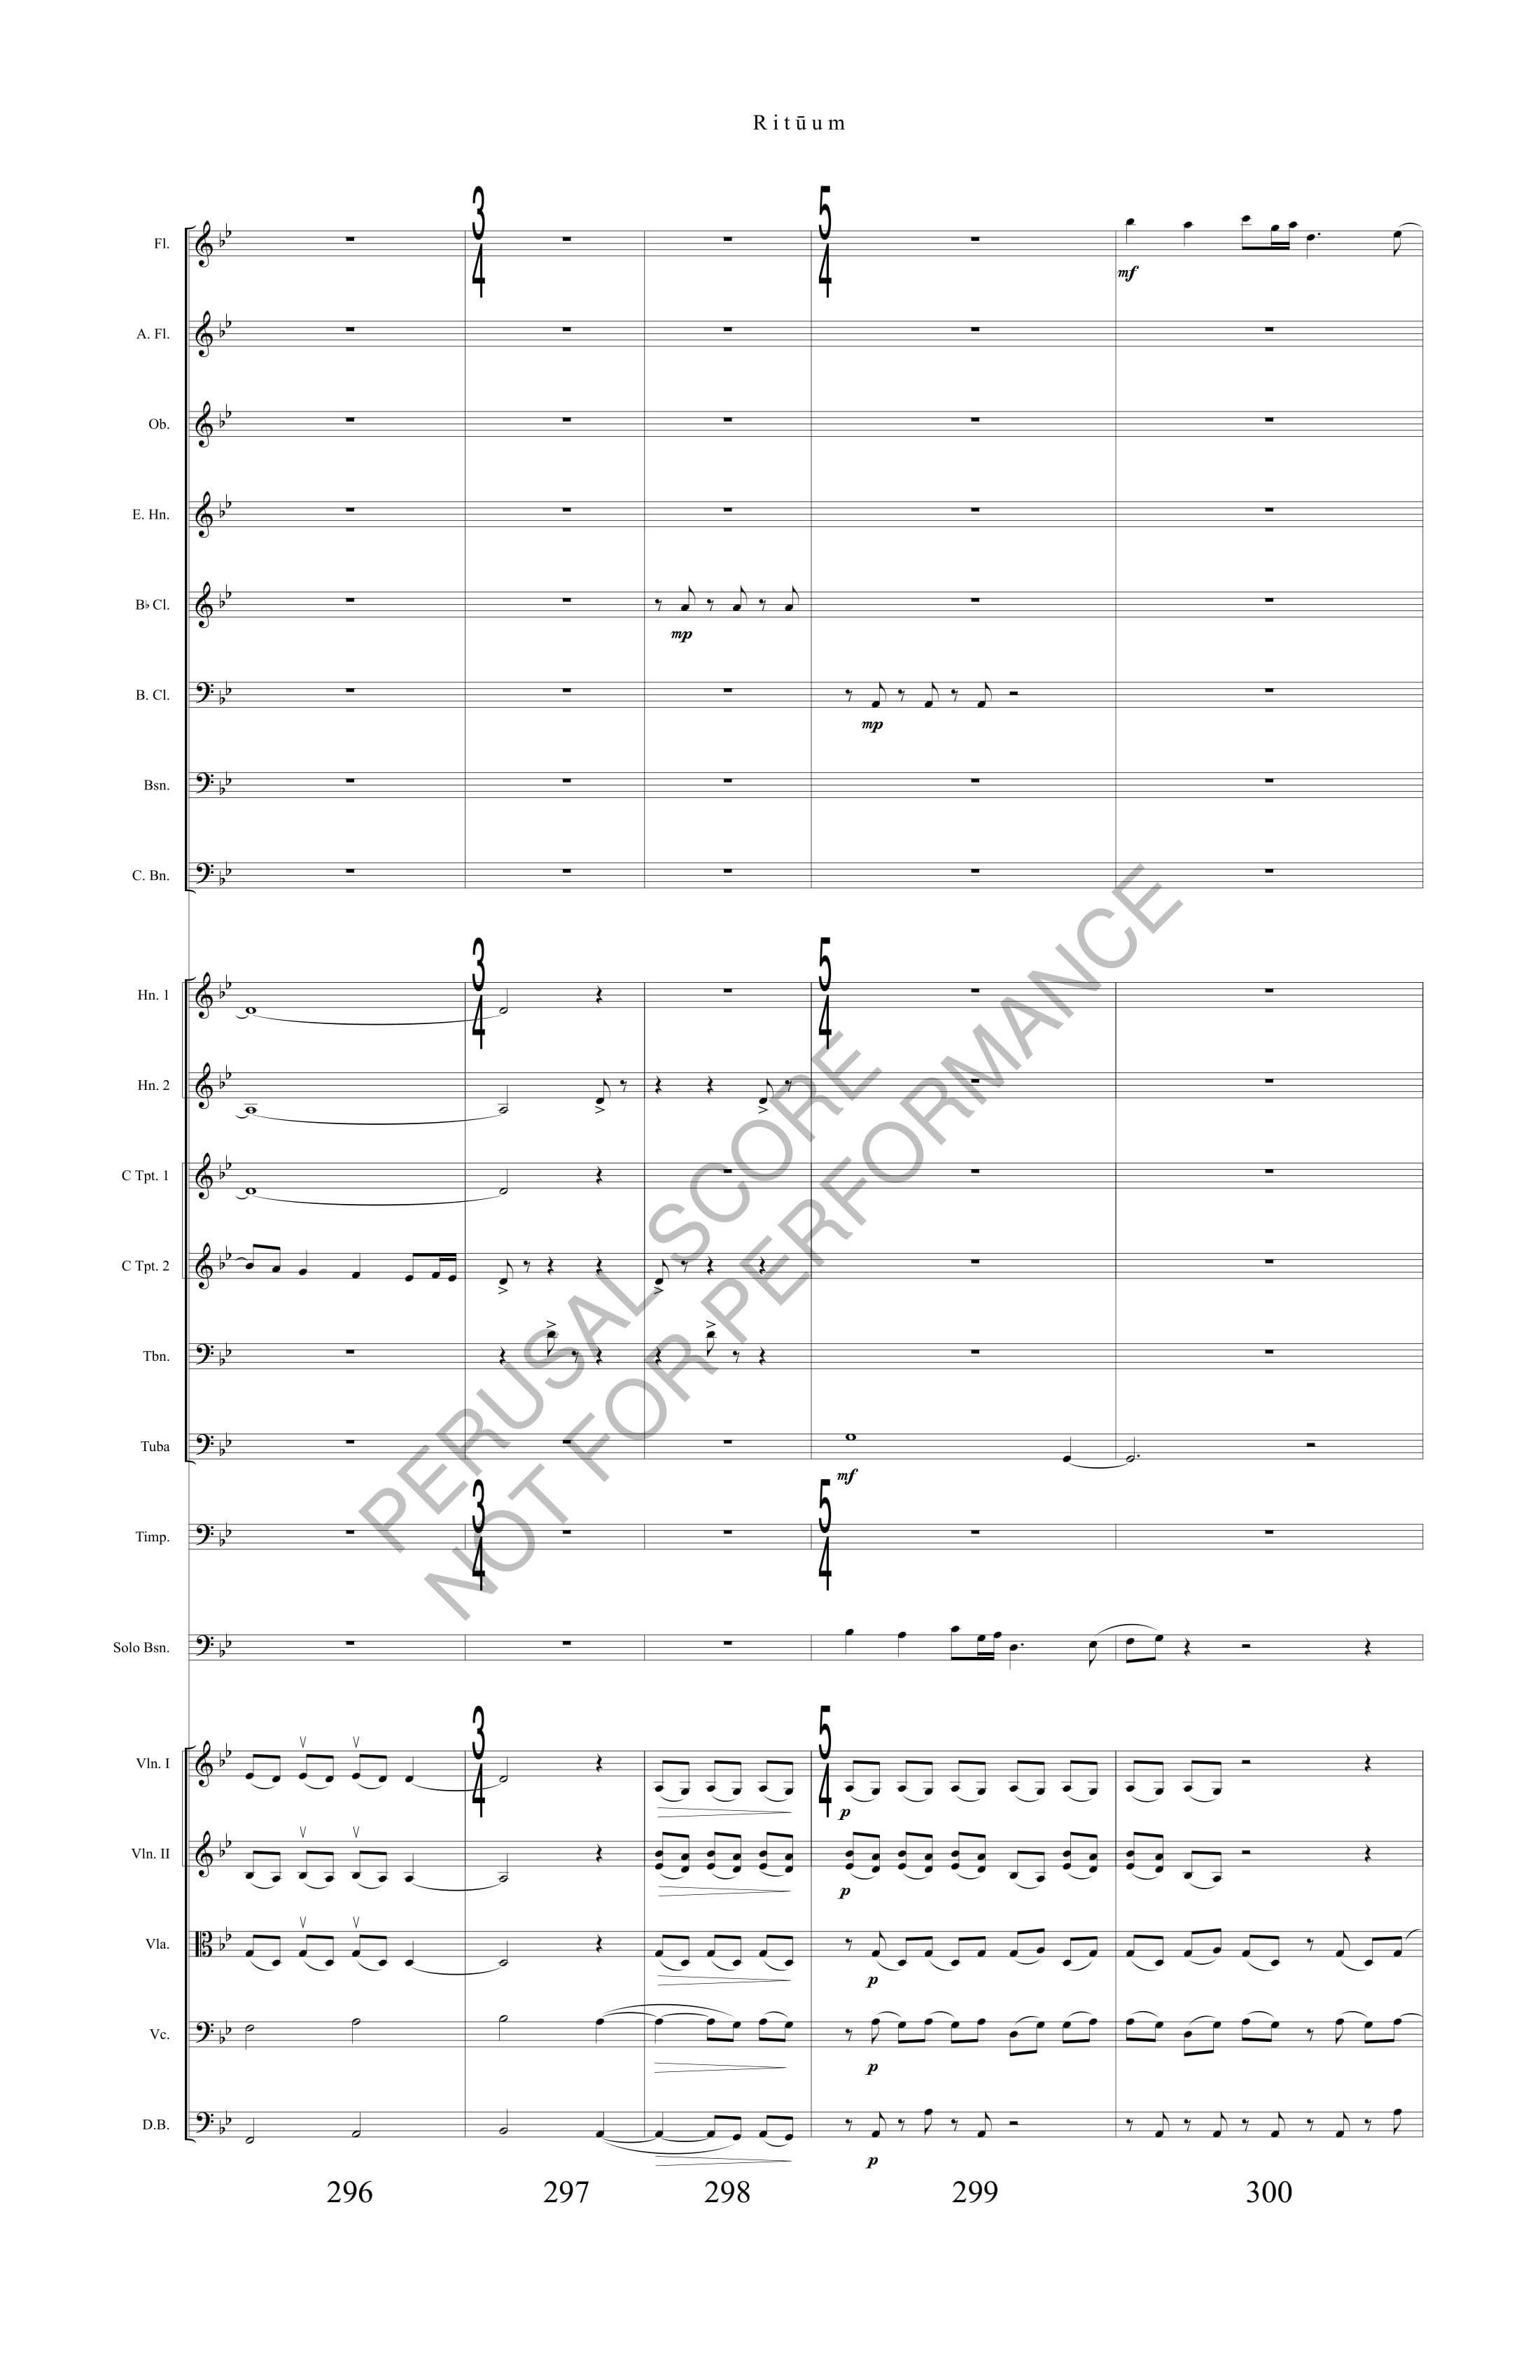 Boyd Rituum Score-watermark (1)-68.jpg